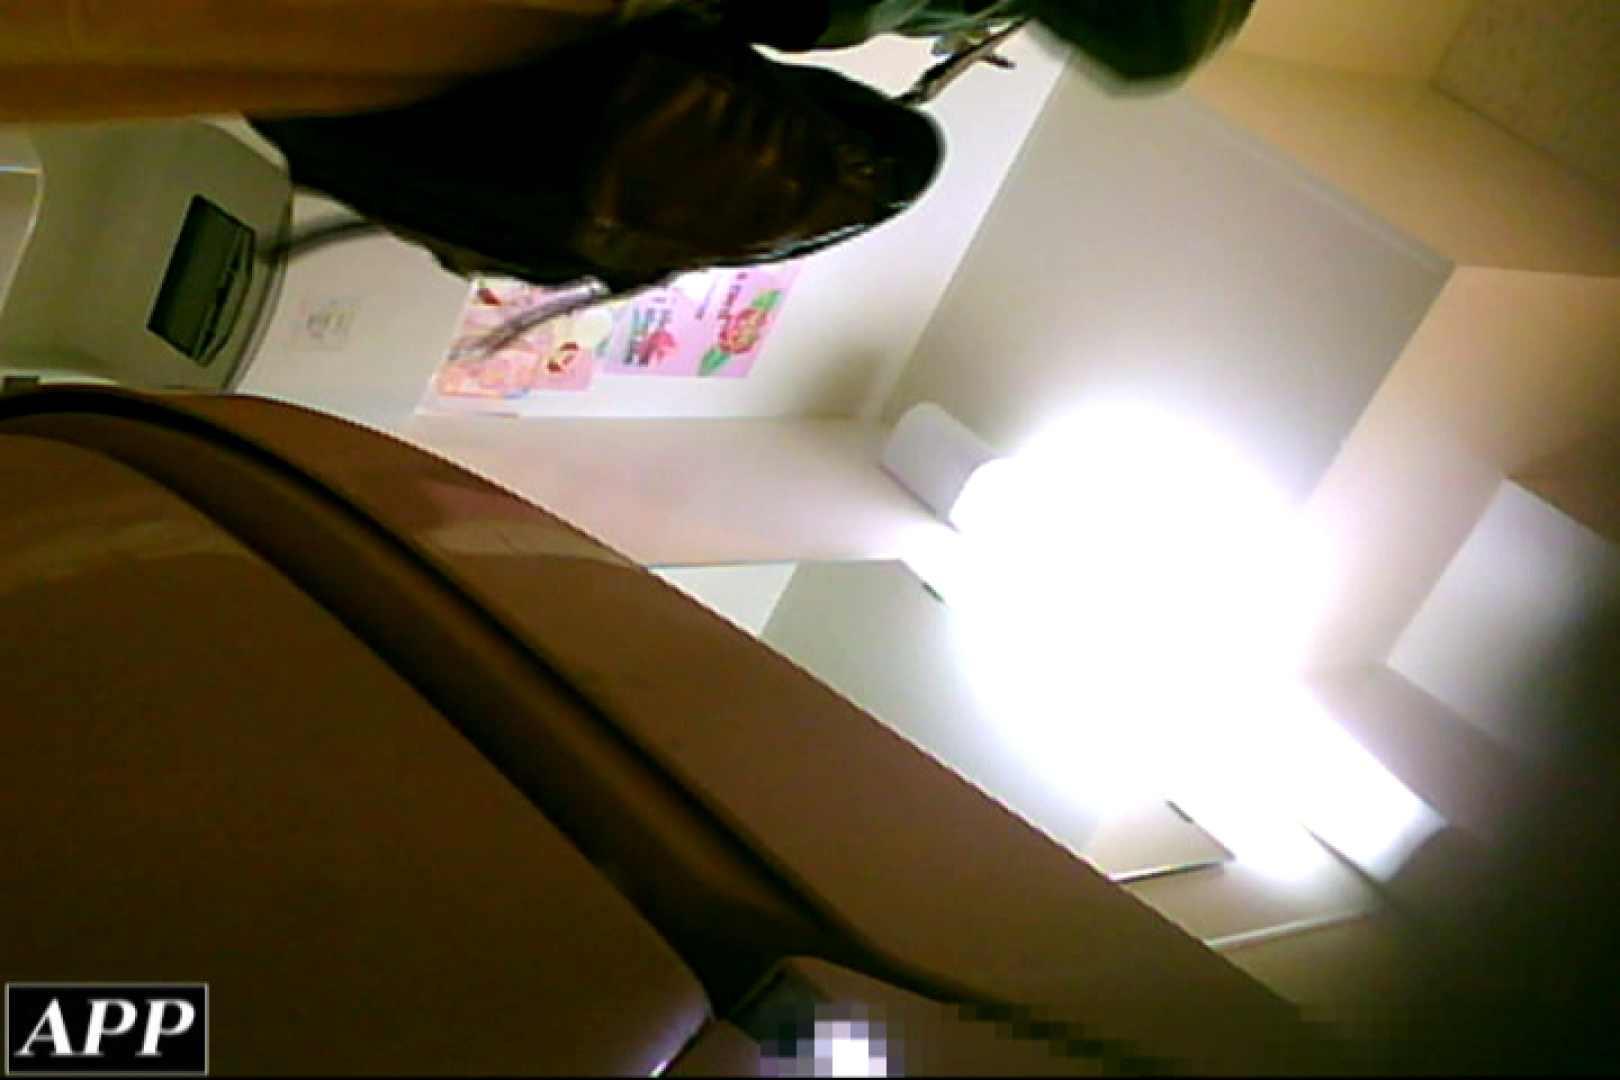 3視点洗面所 vol.118 マンコ アダルト動画キャプチャ 106連発 105